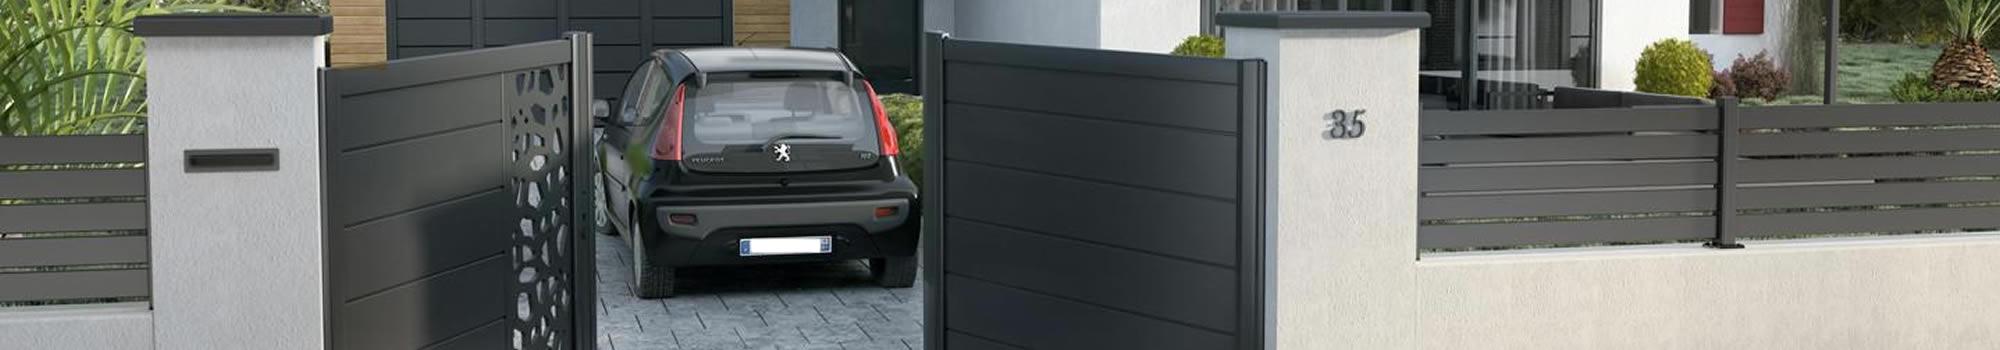 vente pose r paration de vos portails et cl tures menuiserie ade metz. Black Bedroom Furniture Sets. Home Design Ideas